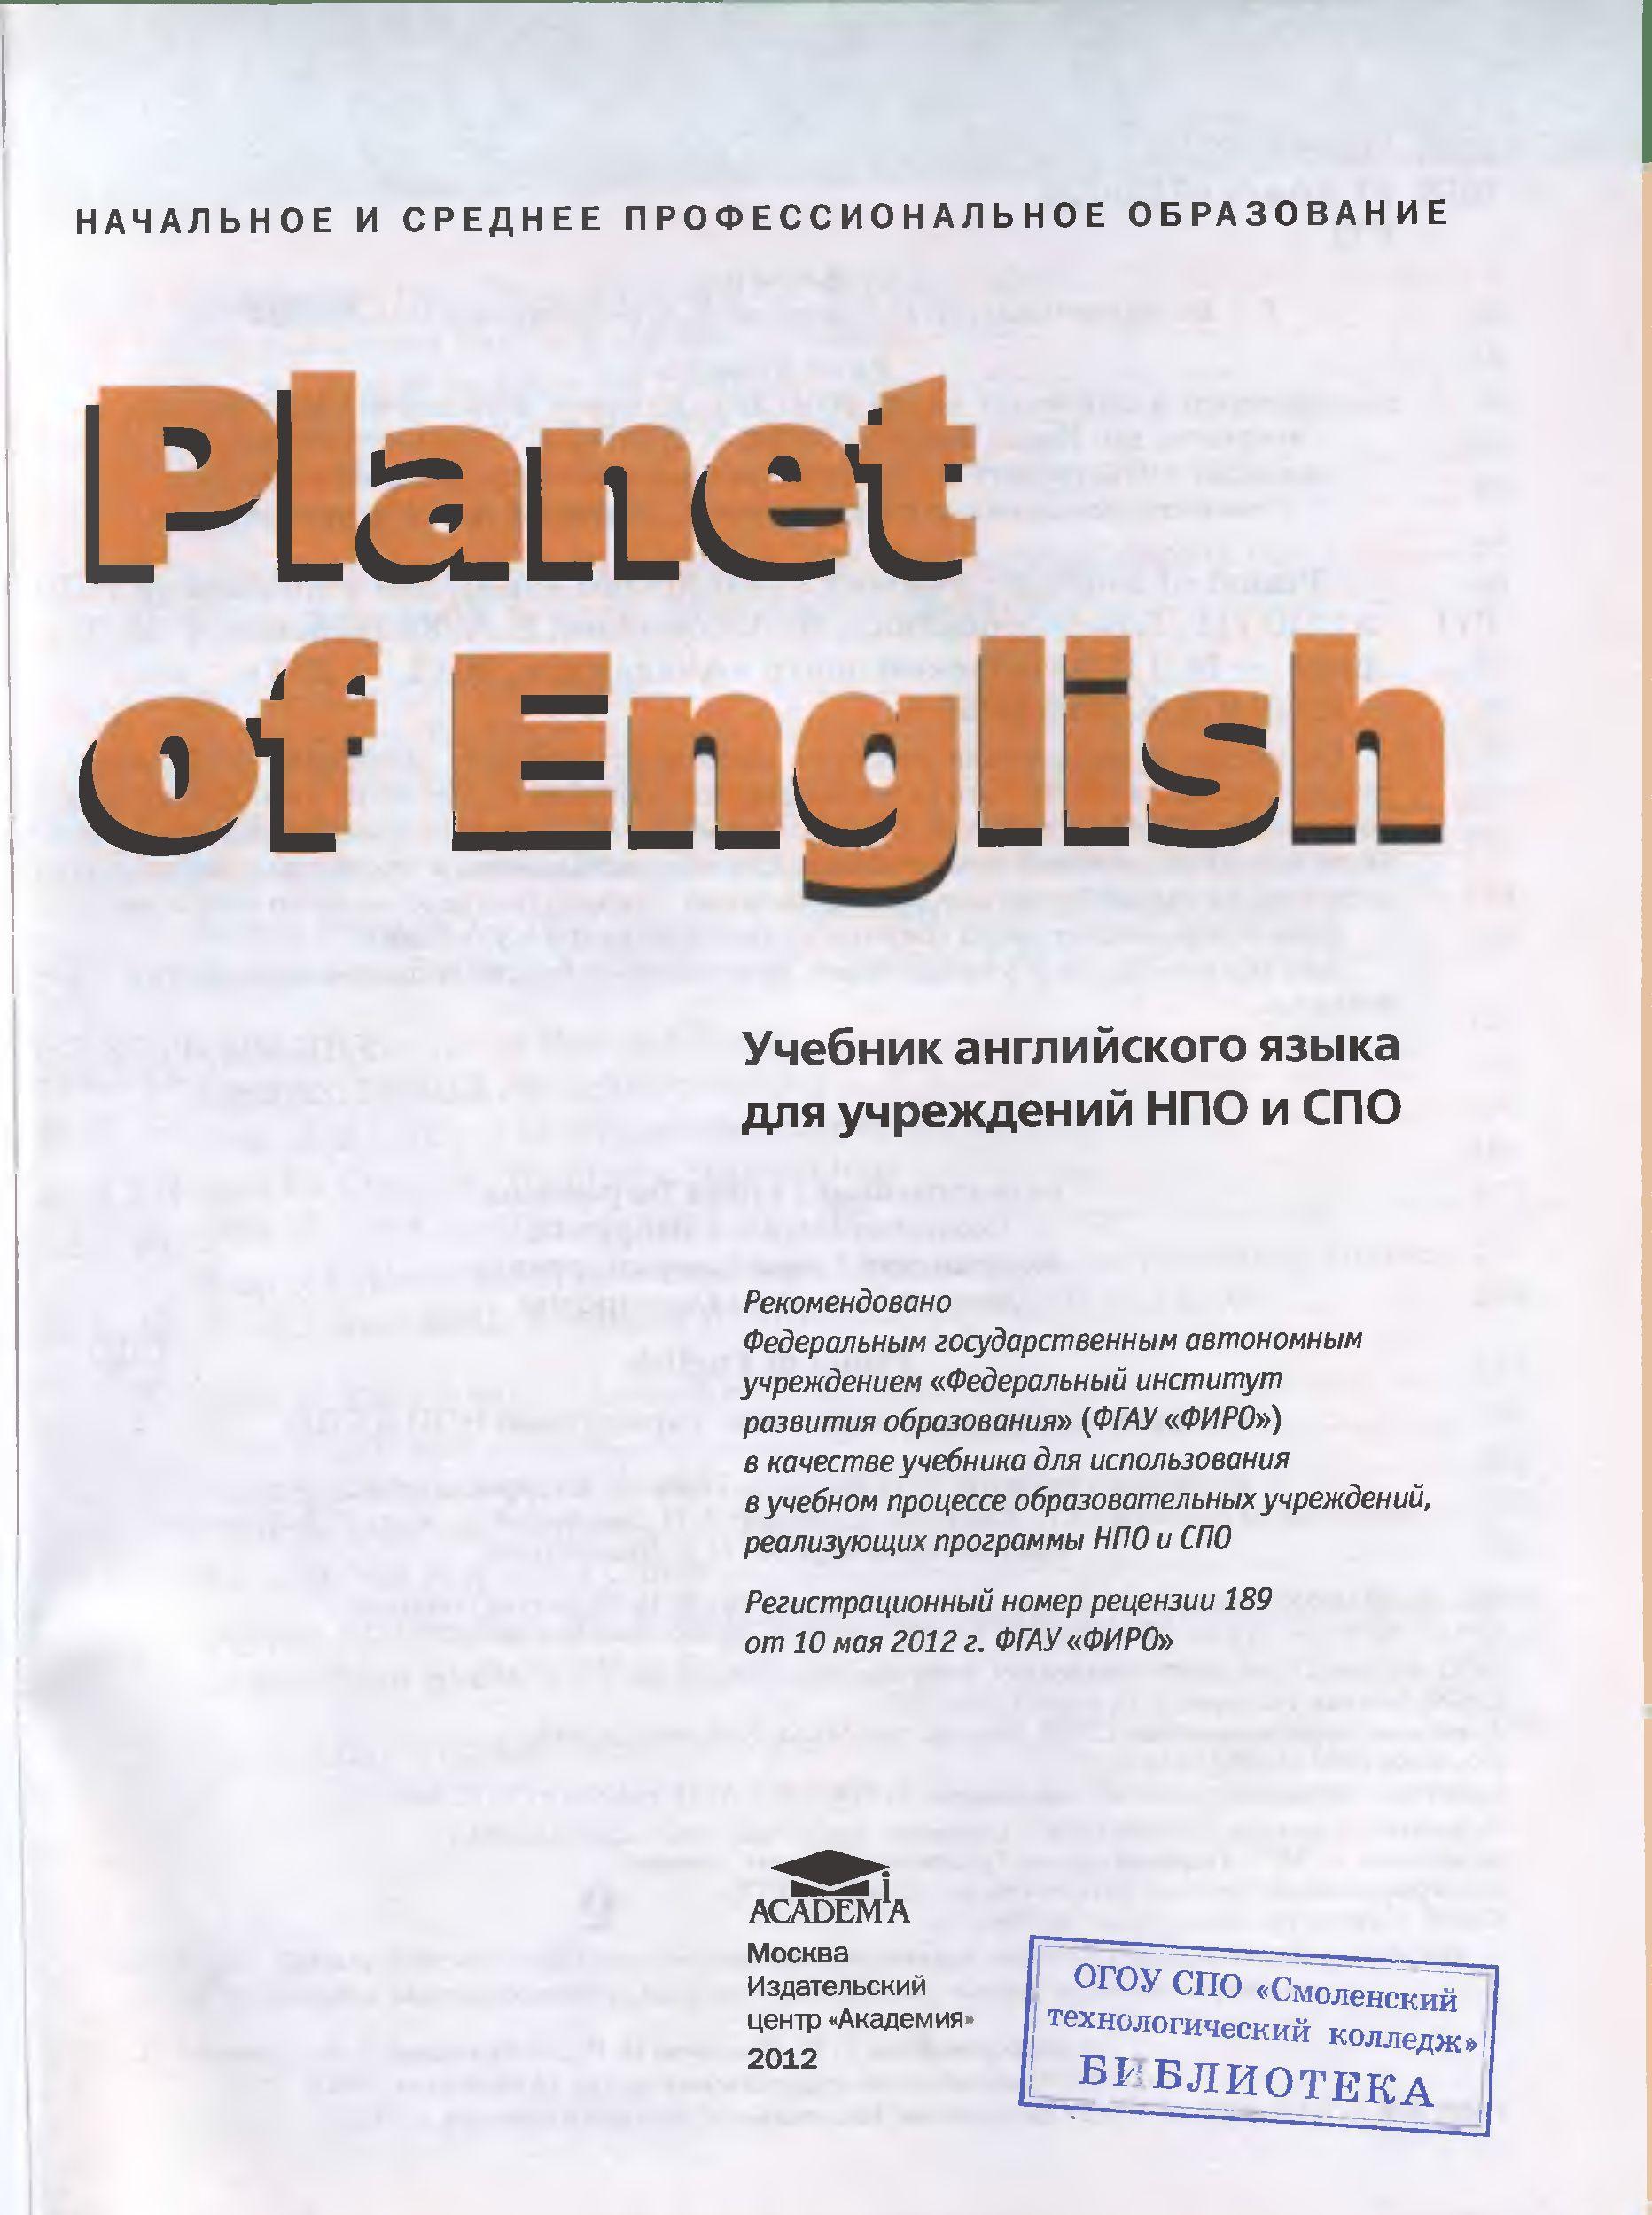 Гдз по planet of english безкоровайная ответы